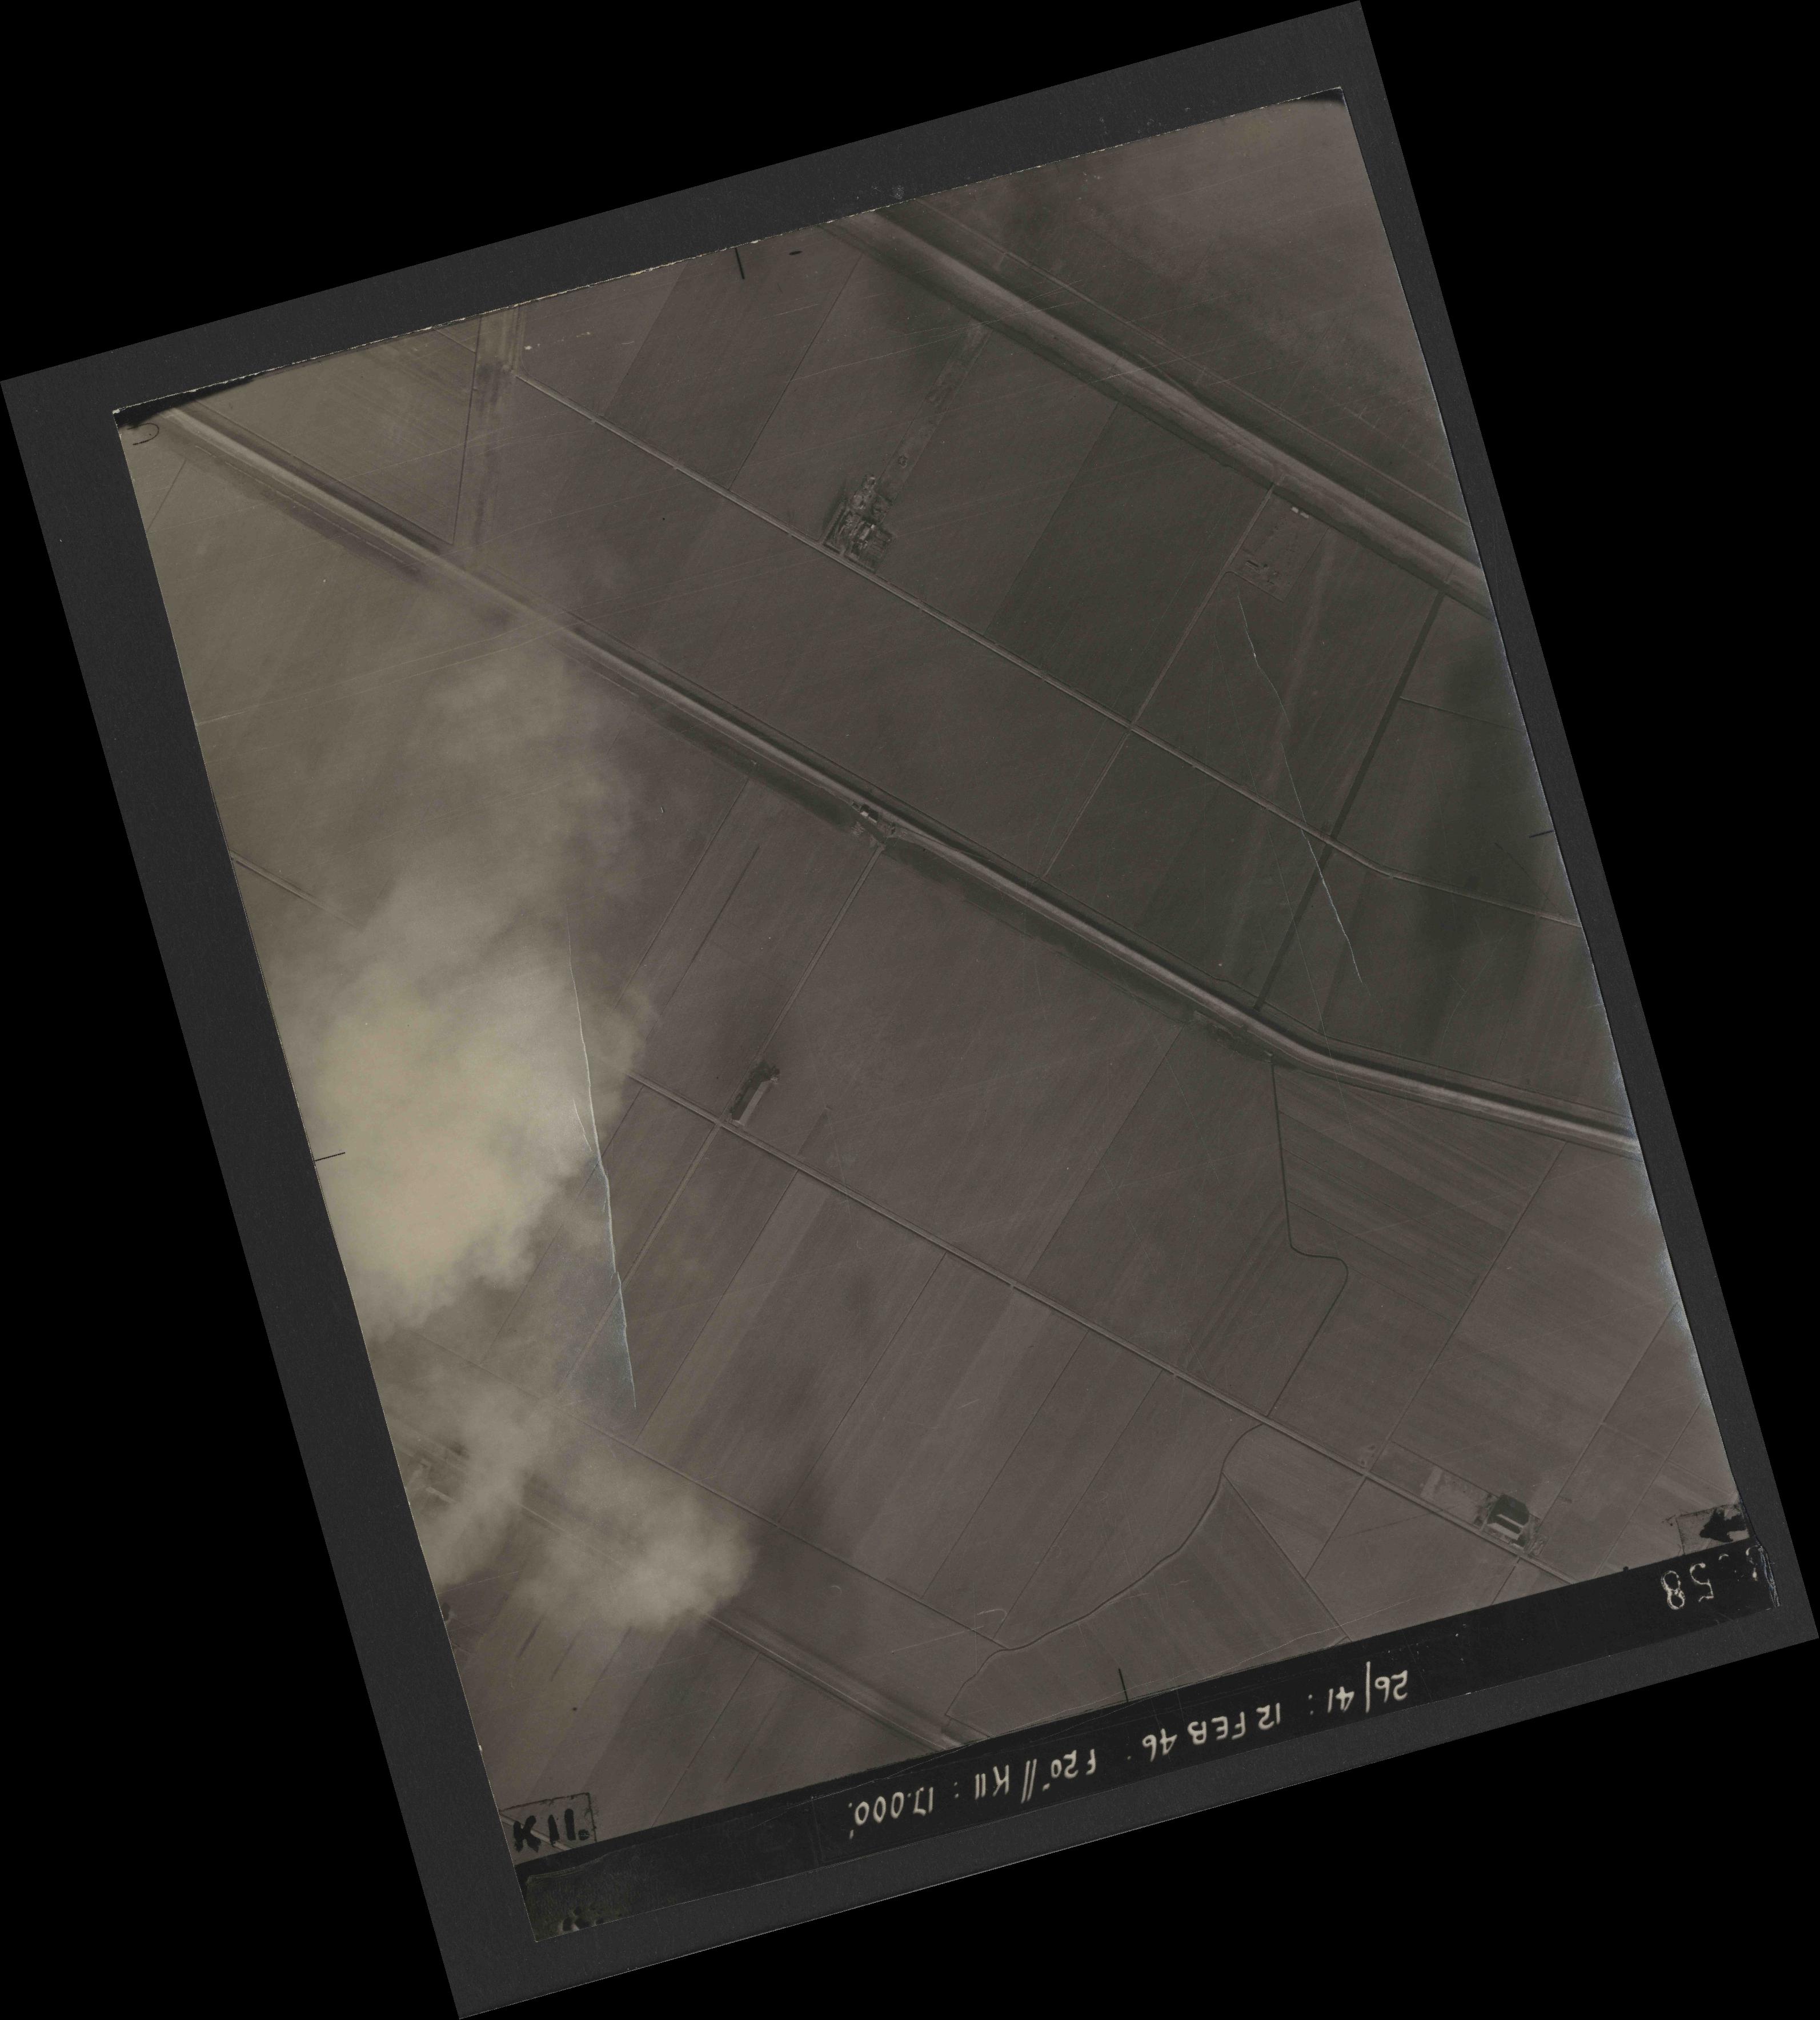 Collection RAF aerial photos 1940-1945 - flight 212, run 12, photo 3058